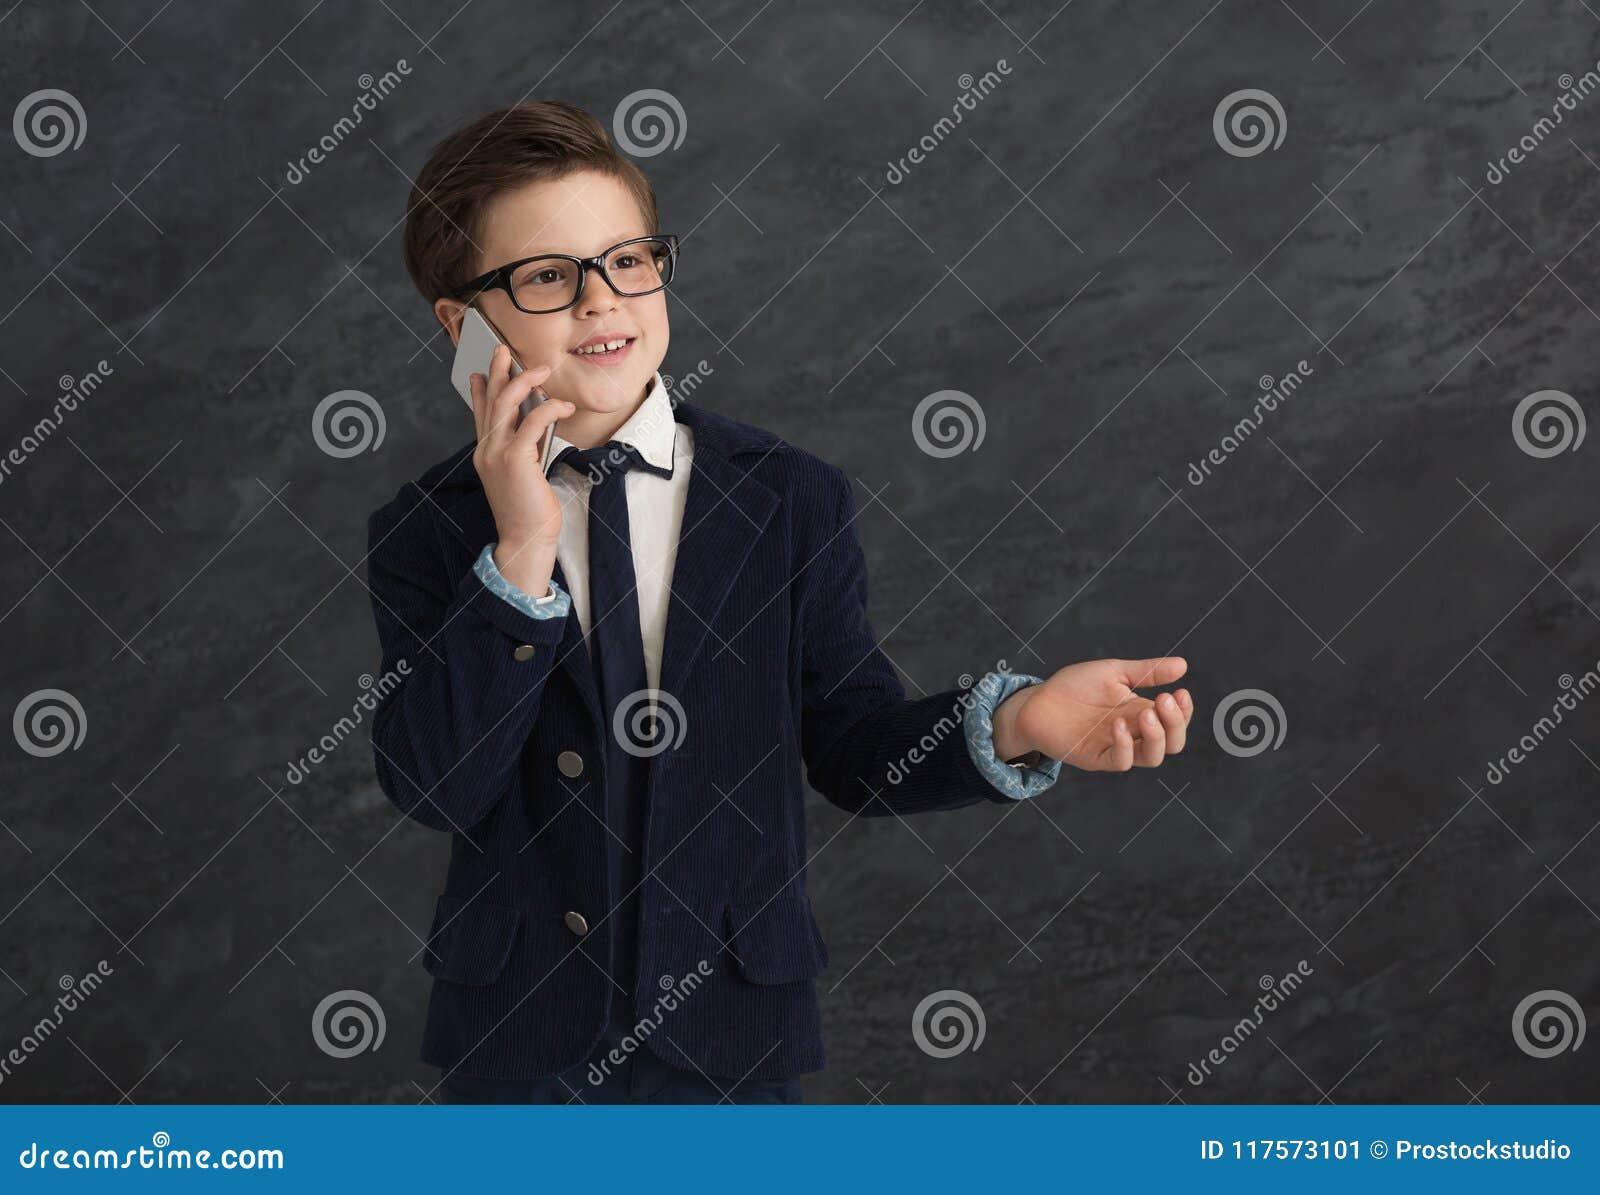 Kleine jongen in kostuum die op mobiel bij grijze achtergrond spreken